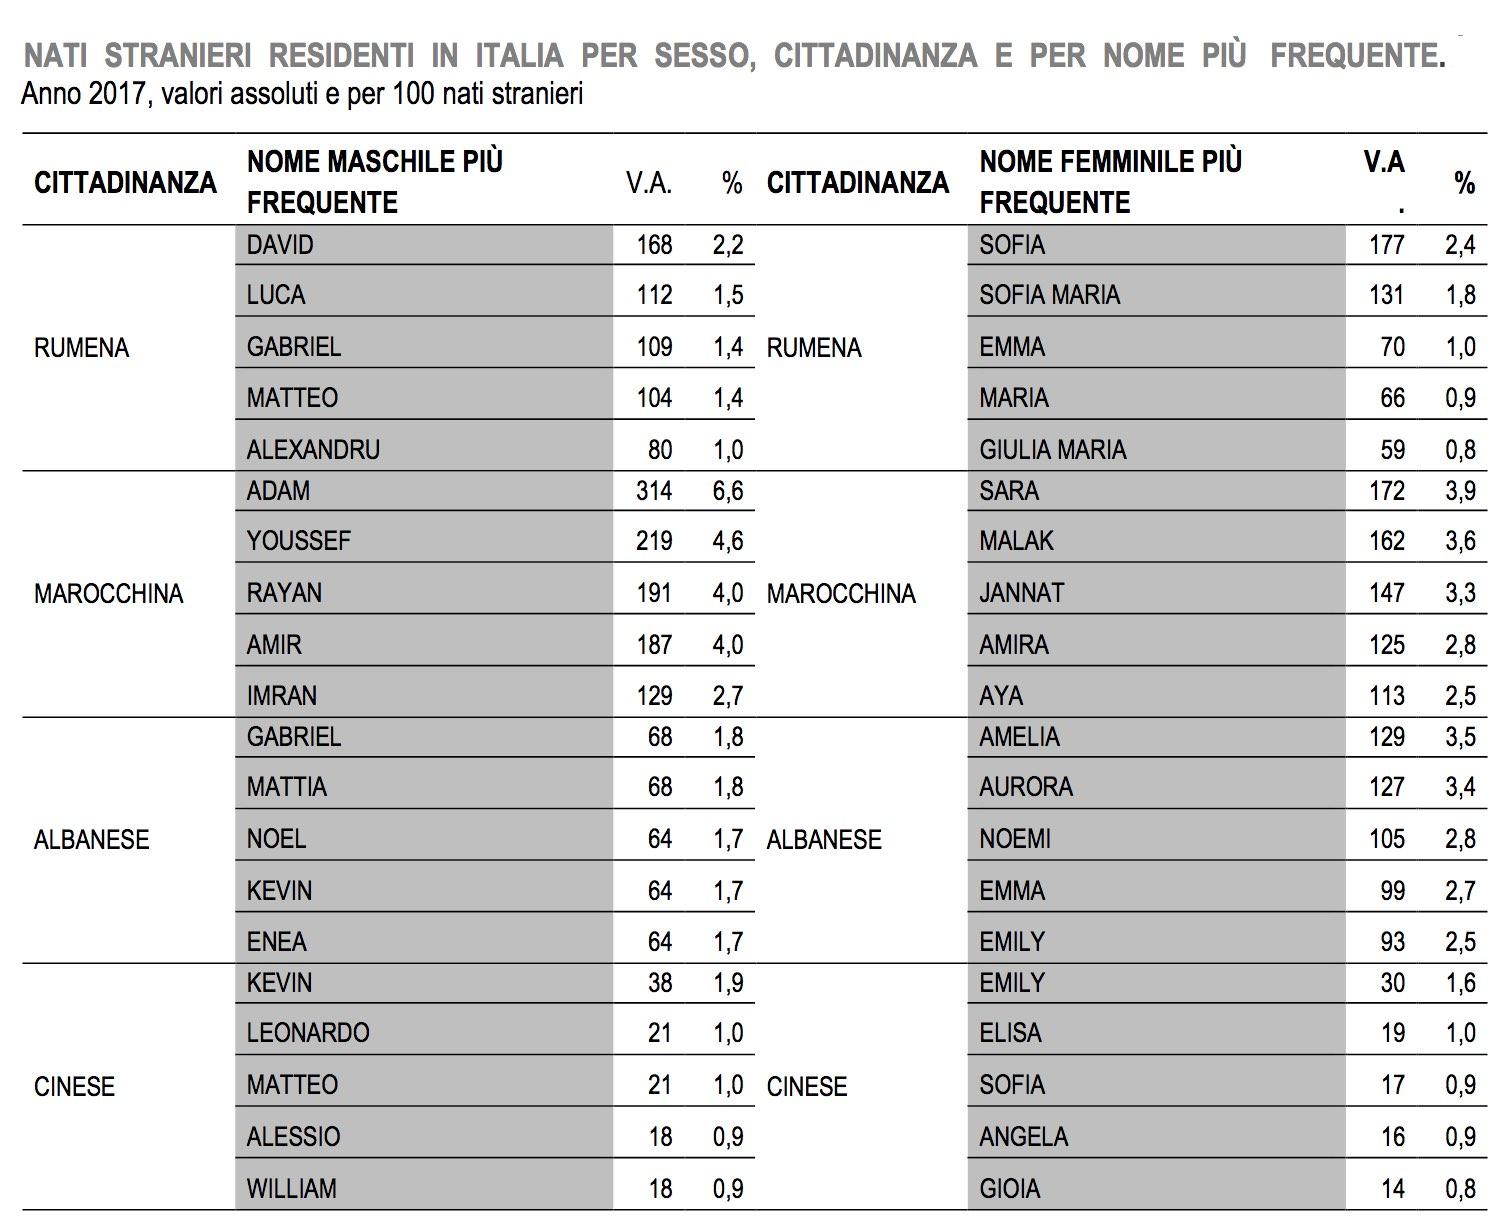 Emrat më të përdorur për të sapolindurit shqiptarë në Itali